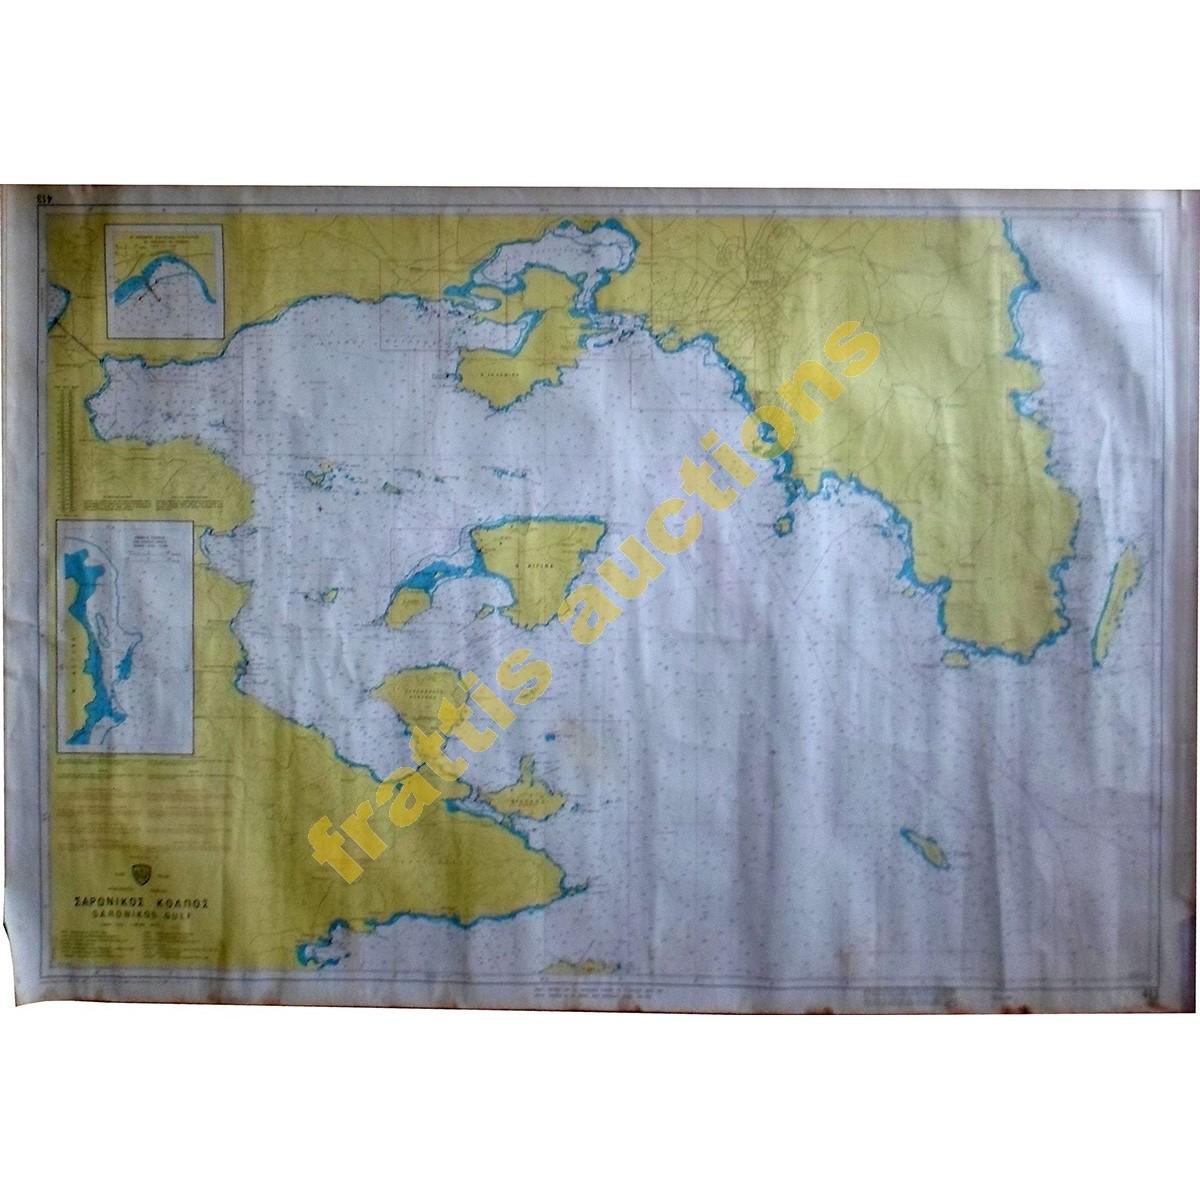 Σαρωνικός κόλπος, Ναυτικός χάρτης.